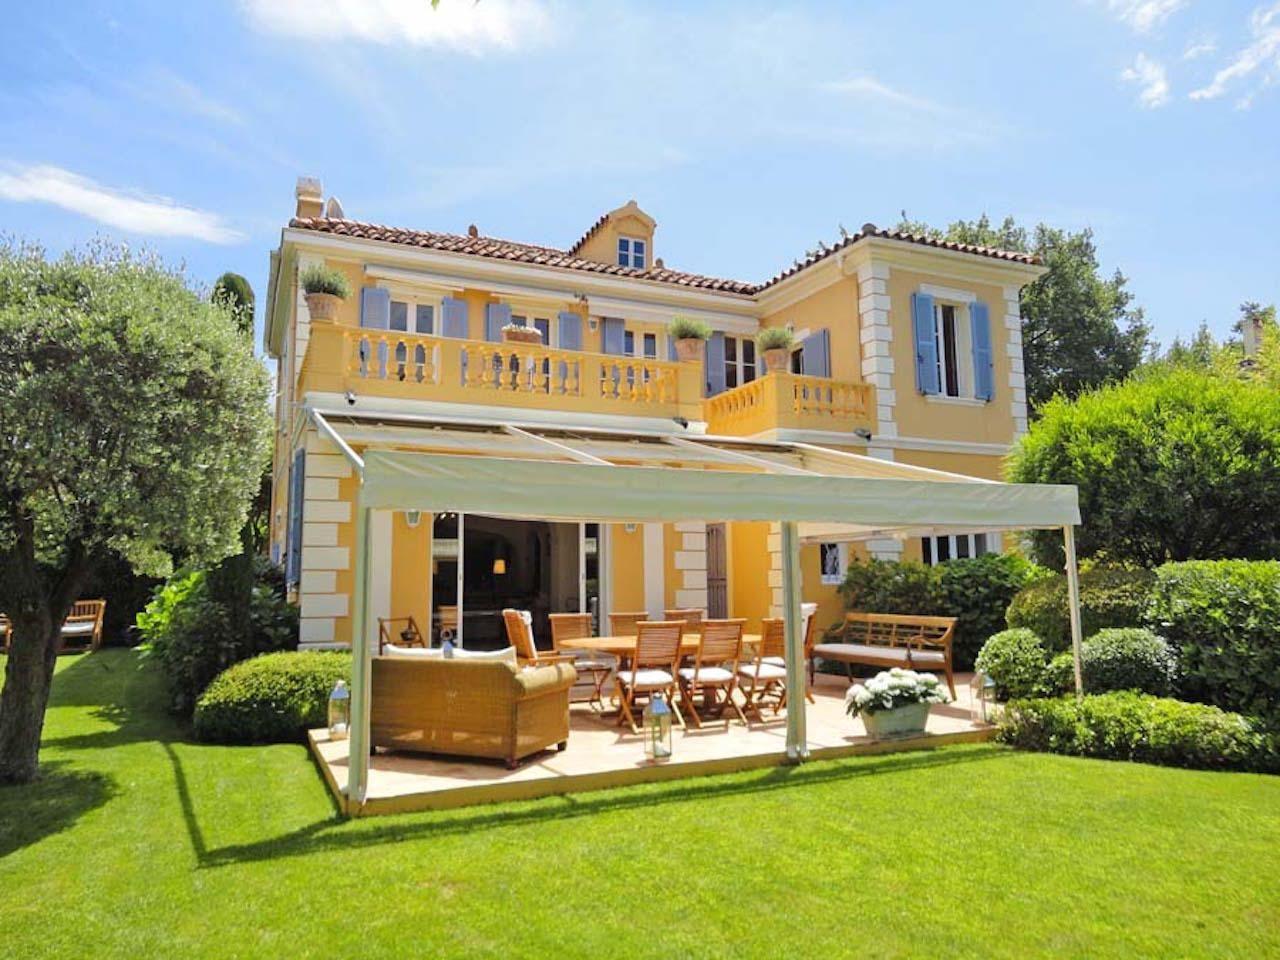 Our Listings Aiximmo Immobilien Immobilier Exclusive Immobilien Saint Tropez Le Manoir Immobilier